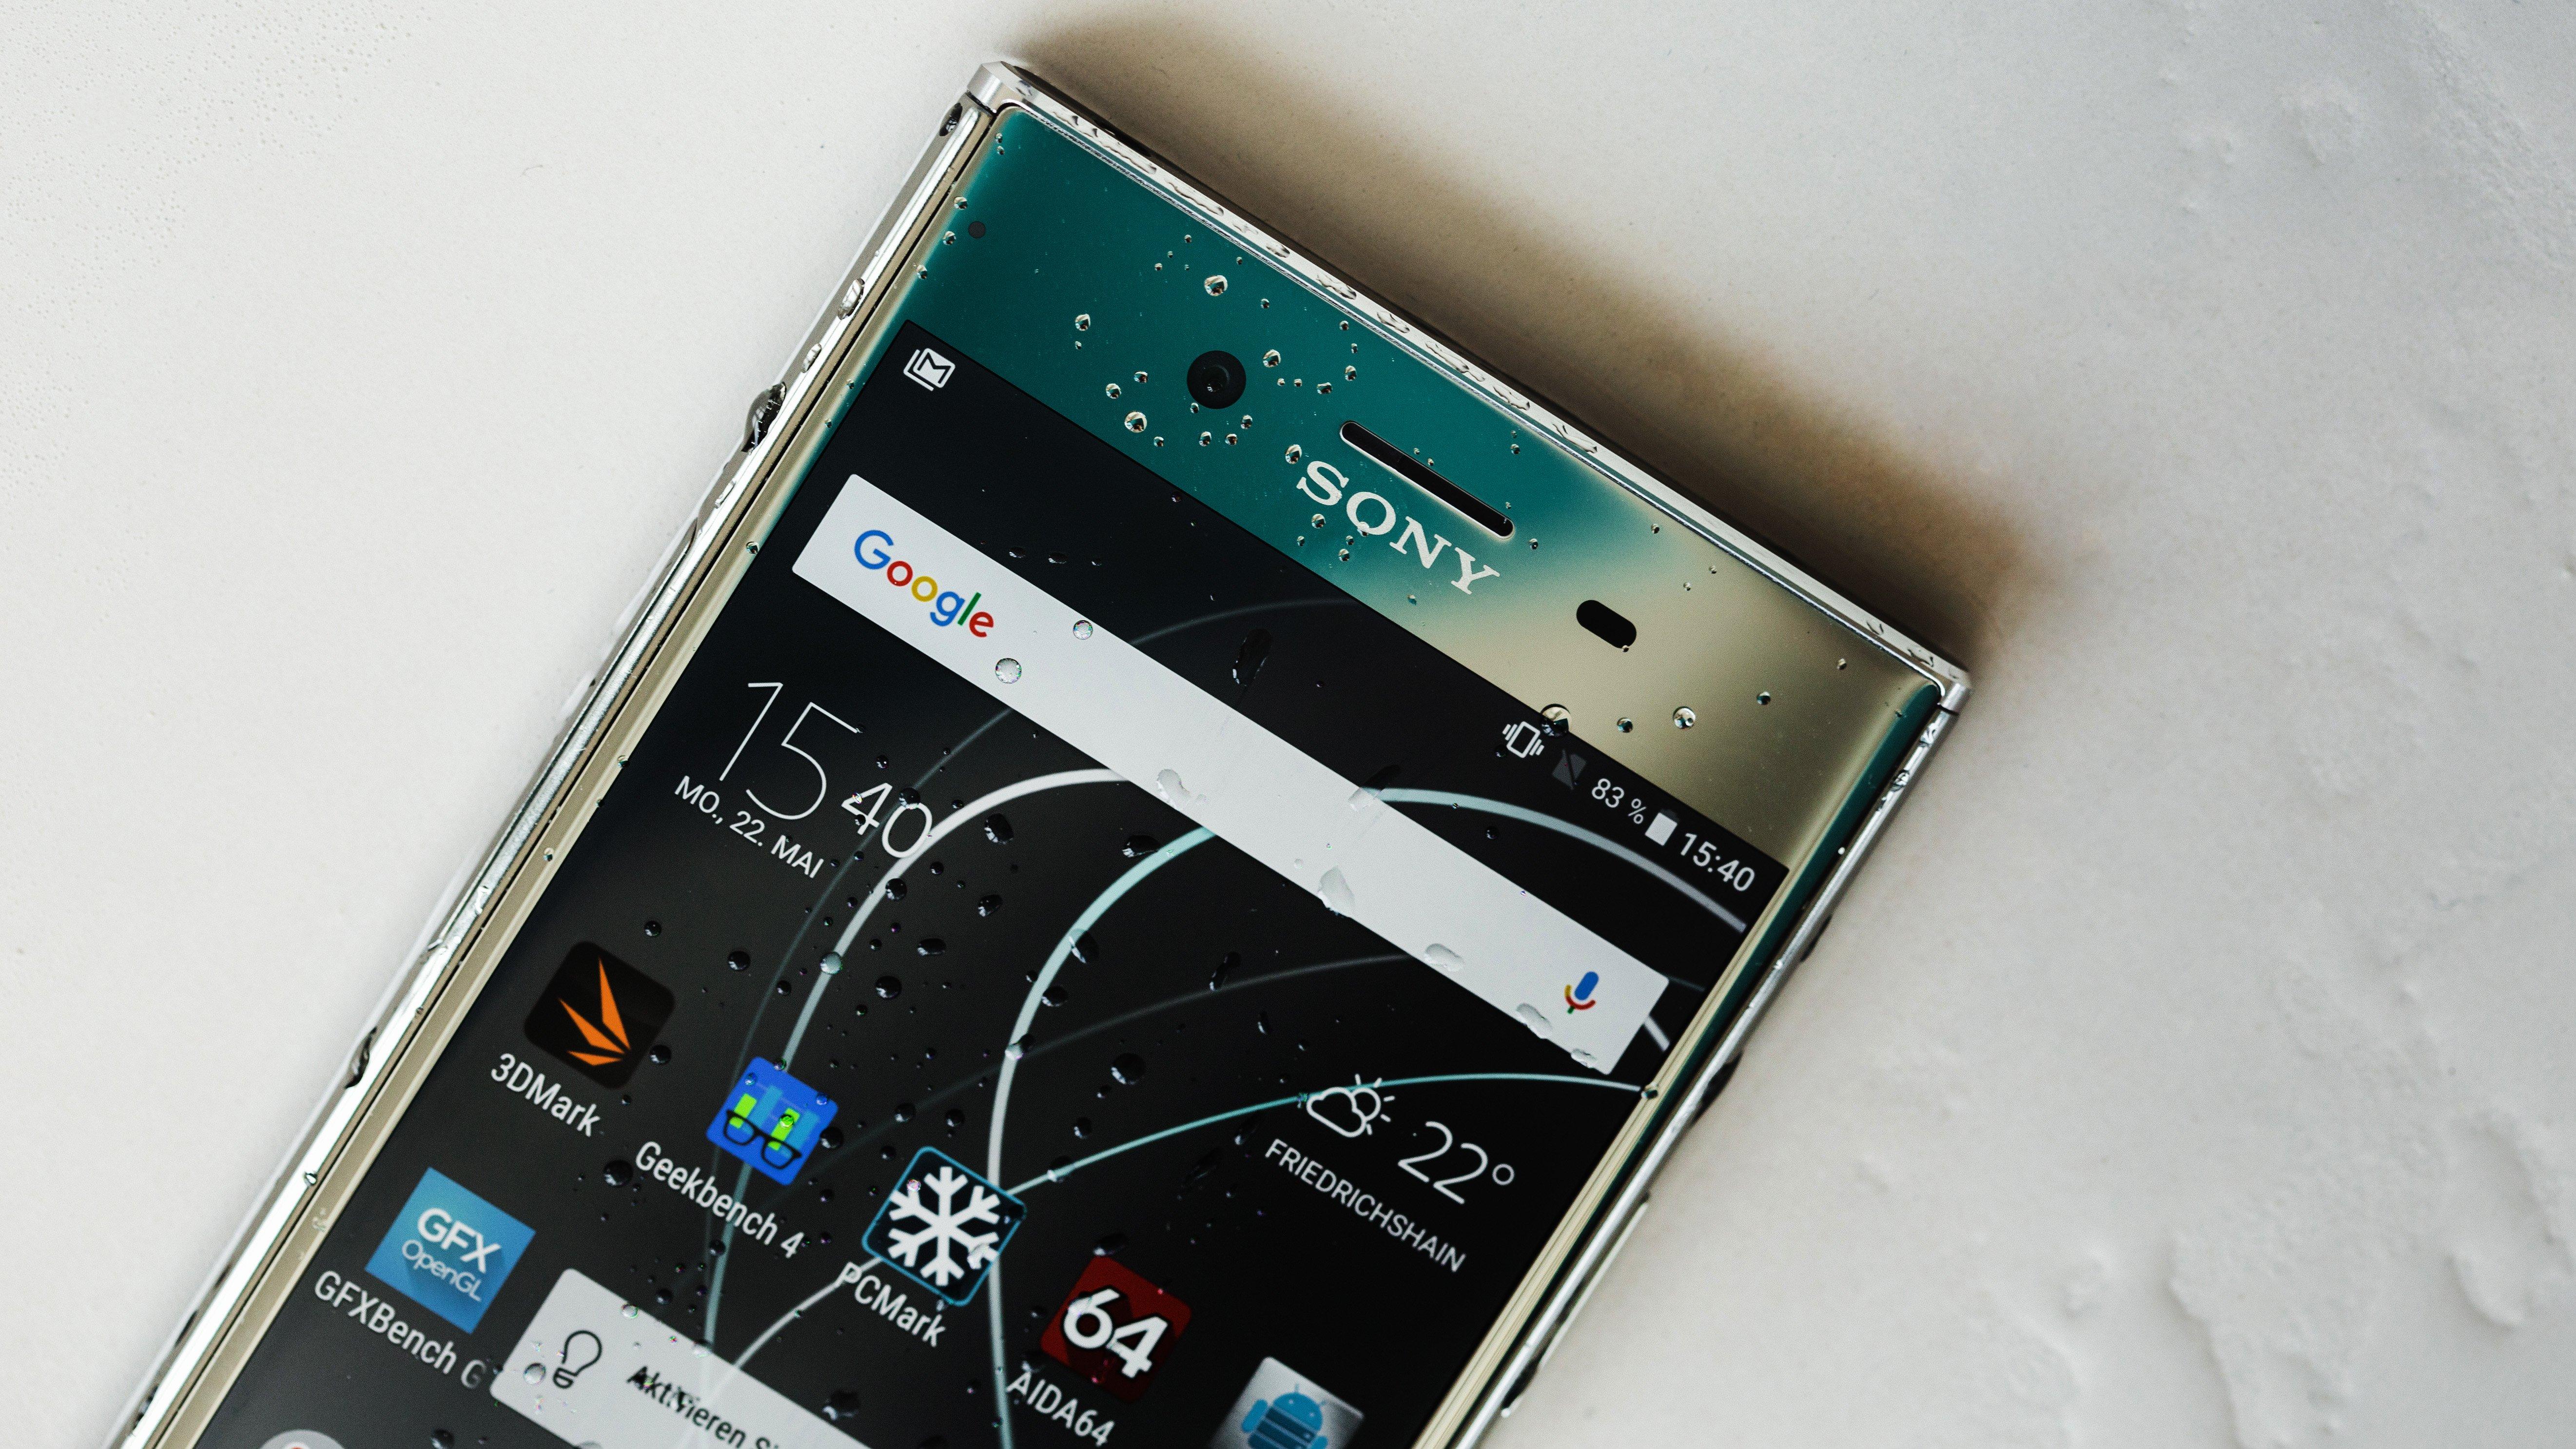 Wird Sony Zur Ifa 2017 Ein Smartphone Mit Rahmenlosem Display